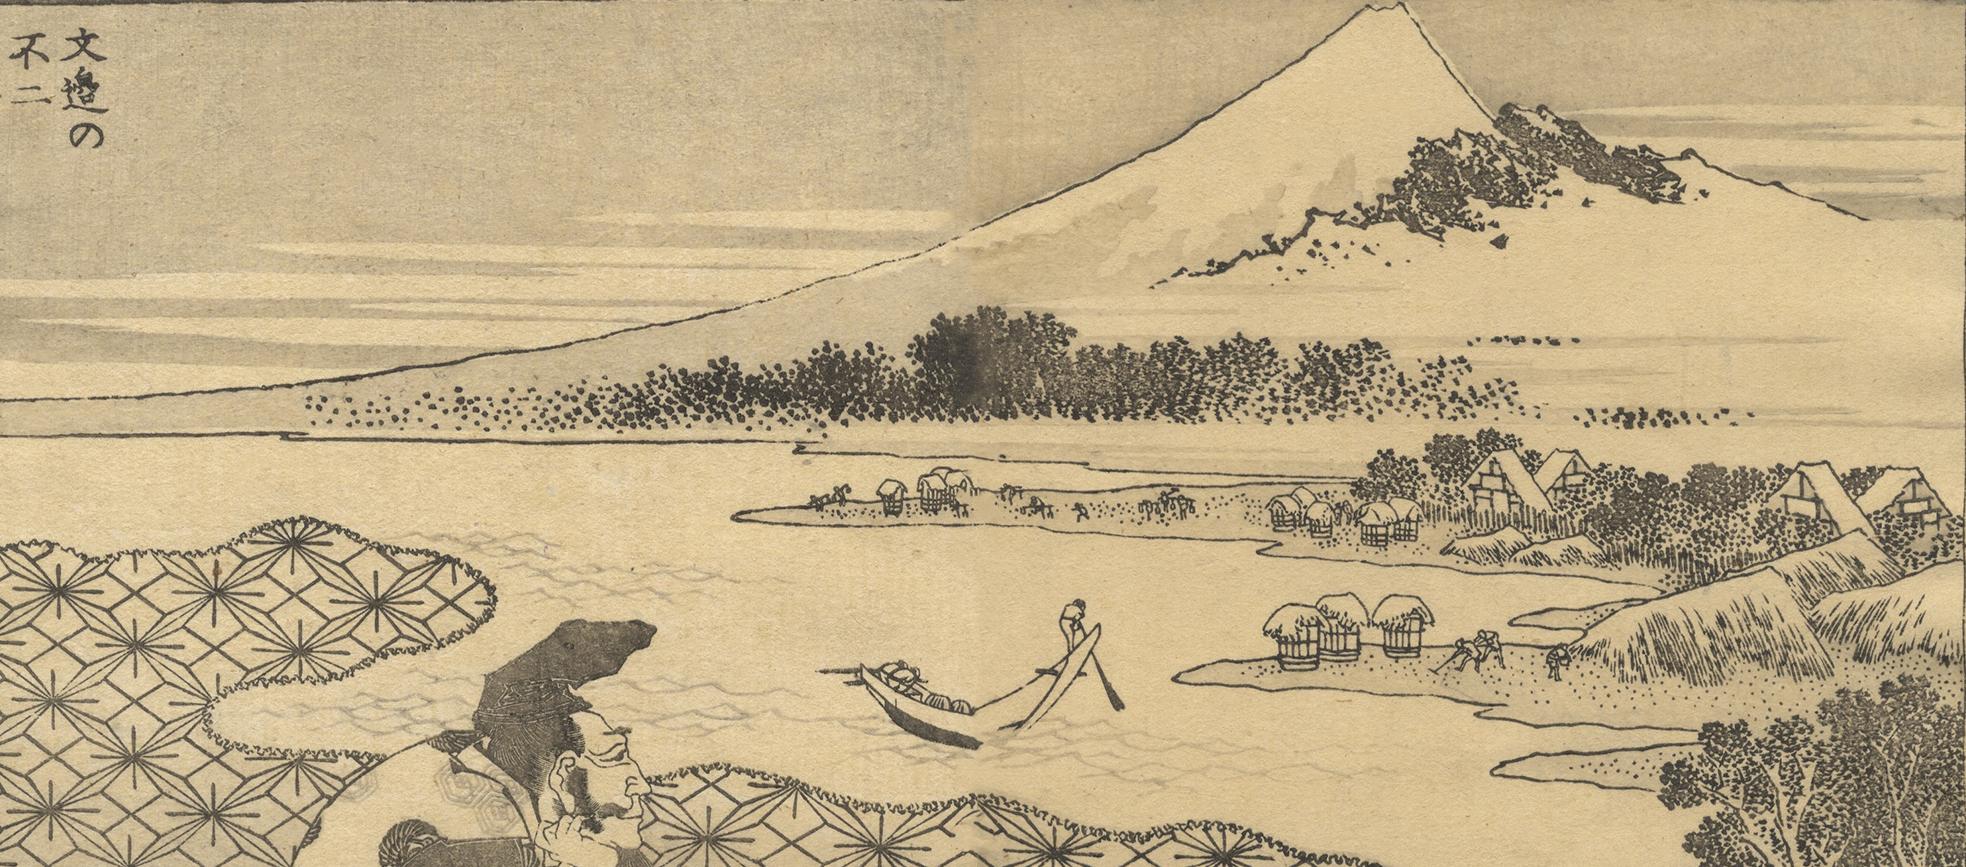 Hokusai Katsushika, Mount Fuji, Japanese Landscape